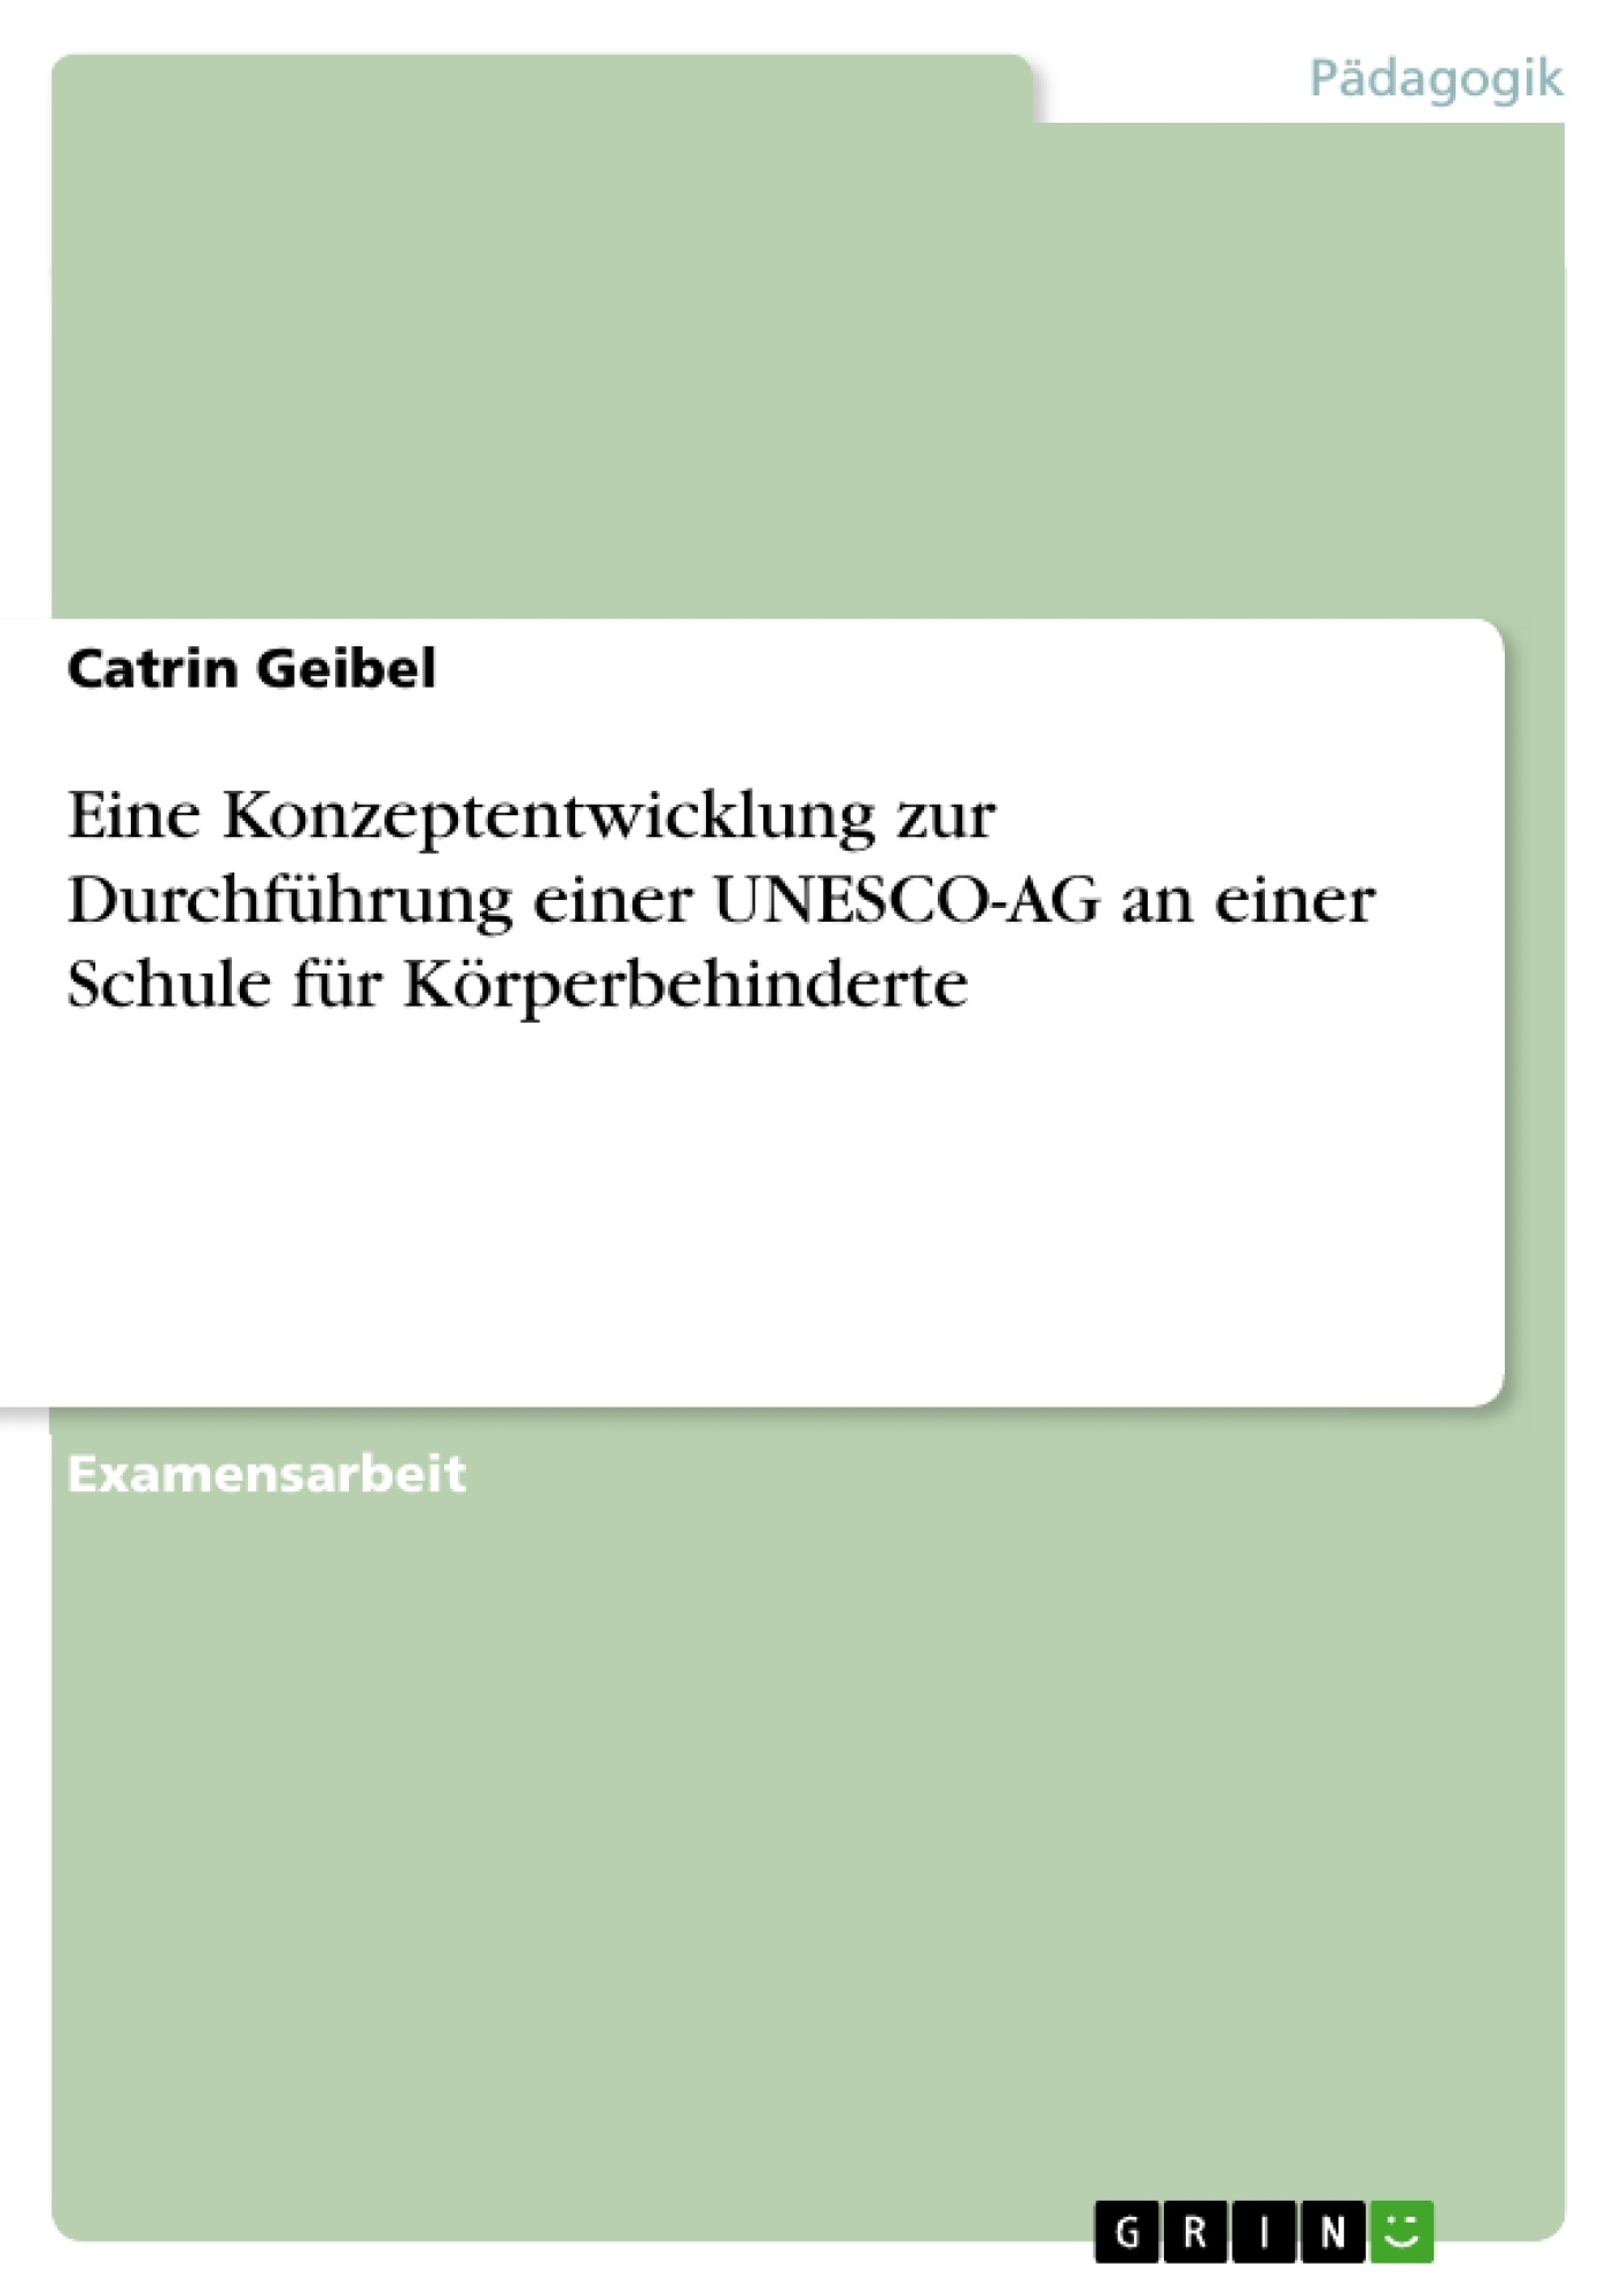 Titel: Eine Konzeptentwicklung zur Durchführung einer UNESCO-AG an einer Schule für Körperbehinderte